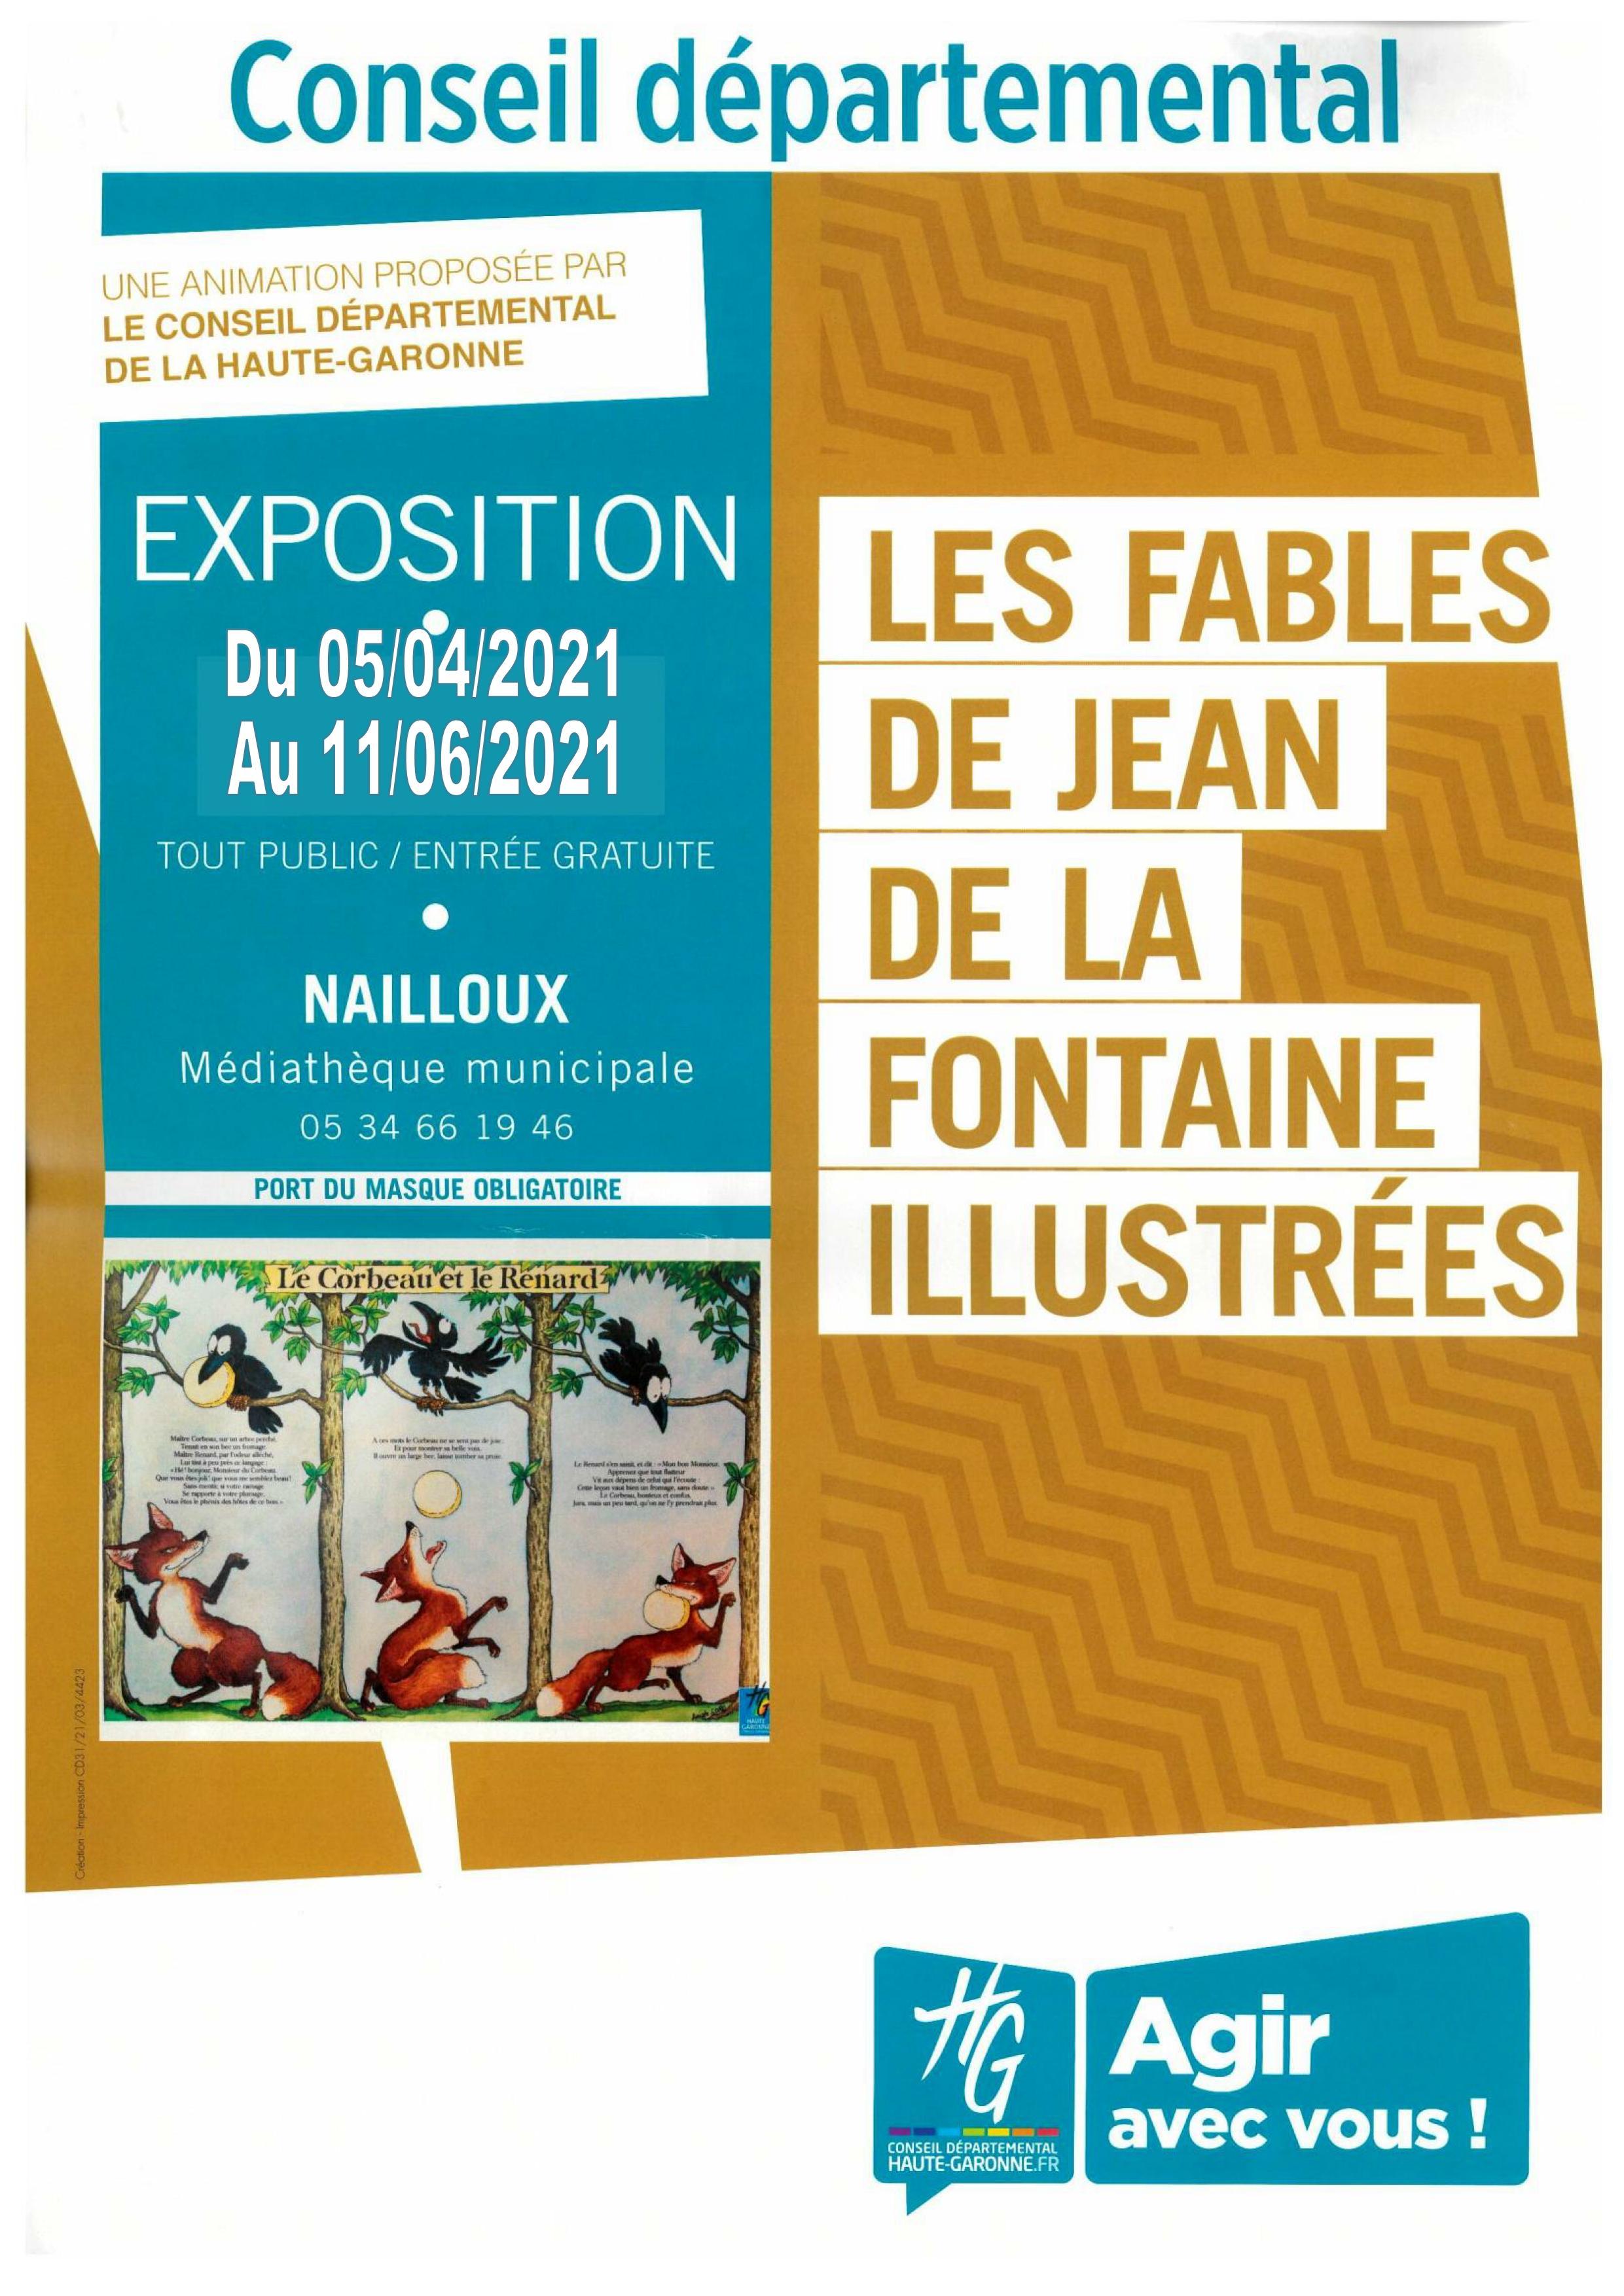 Les fables de Jean de la Fontaine - Médiathèque Départementale de la Haute-Garonne